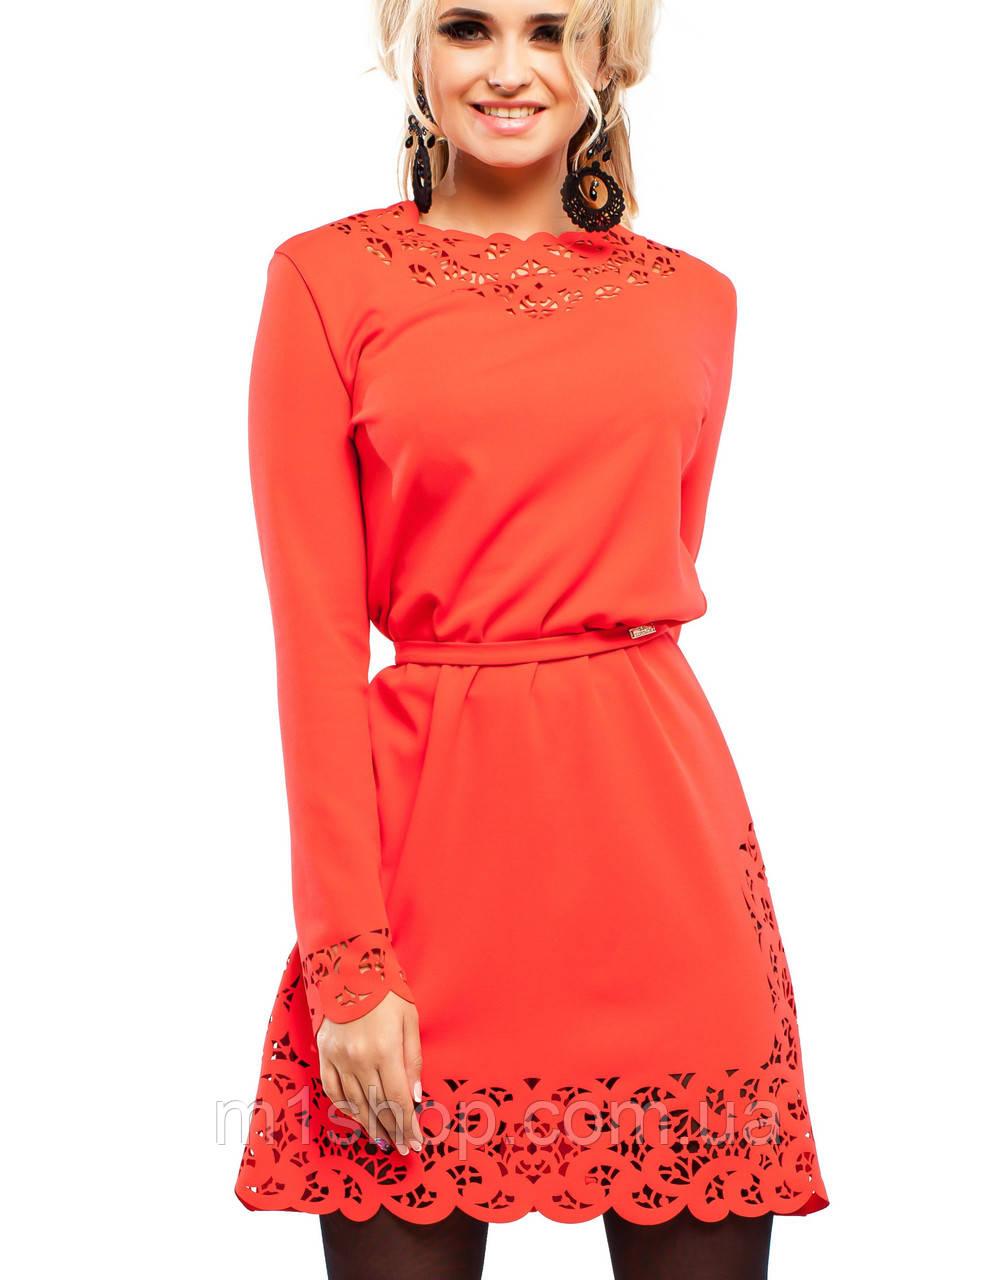 Платье с перфорацией | Фарина jd